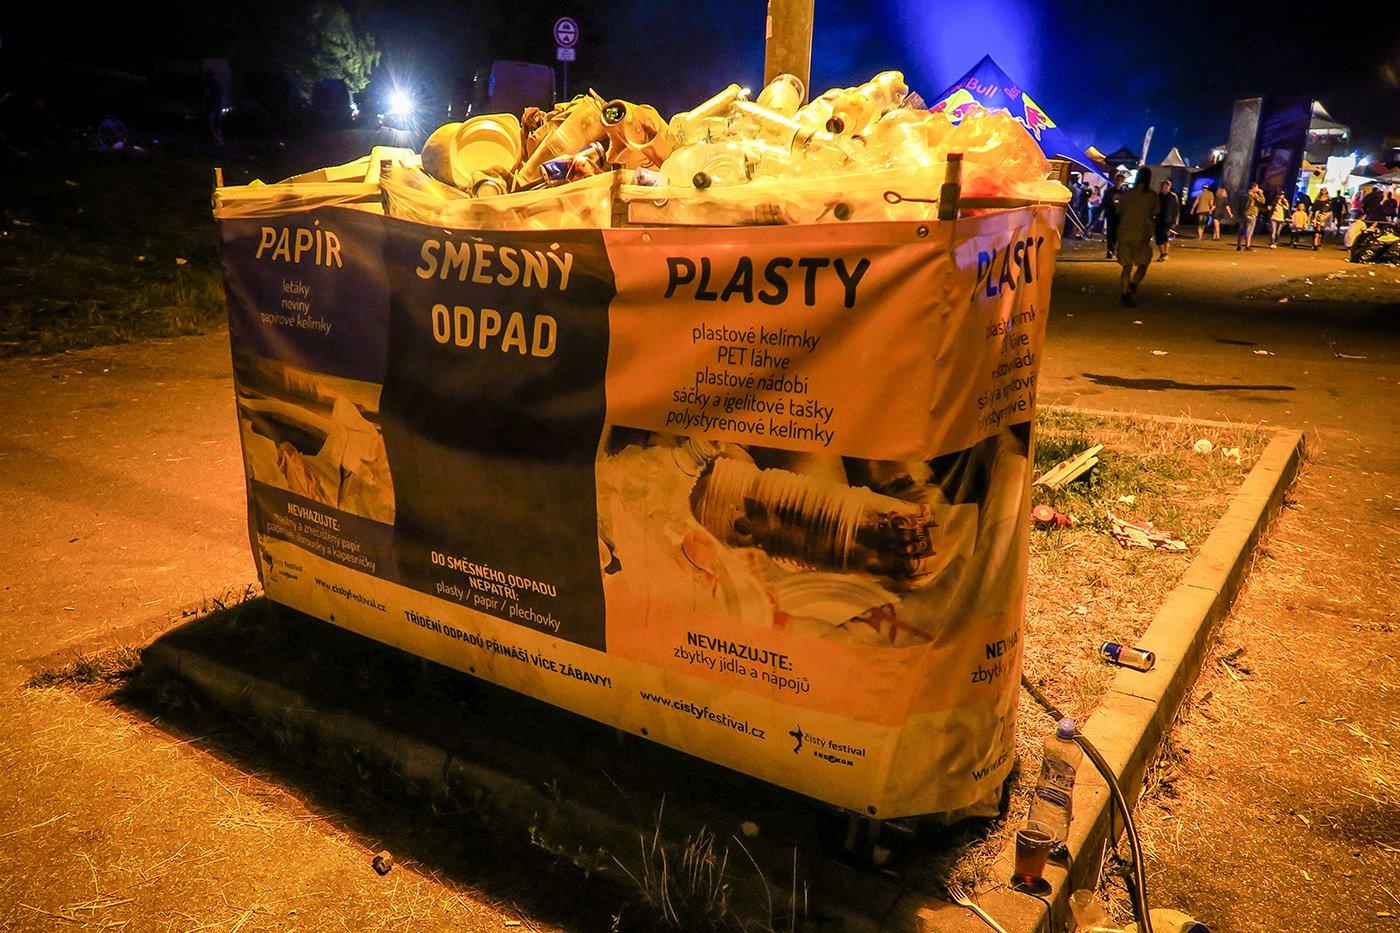 cisty_festival_projekt_samosebou_tridici_kos_plasty_smes_odpad_papir